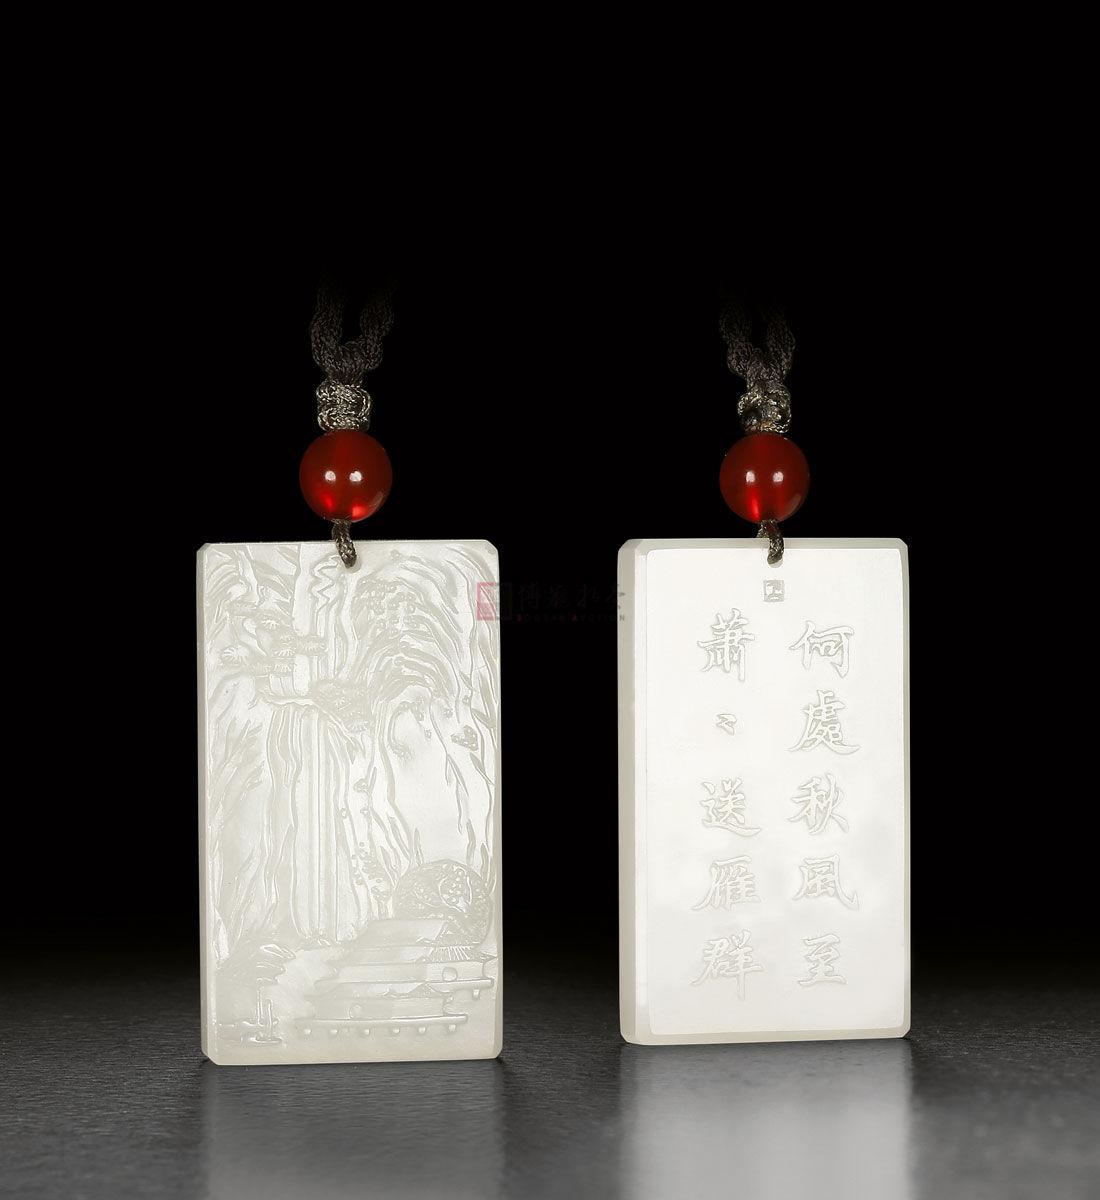 翟倚卫,中国玉石雕刻大师,上海市工艺美术大师.